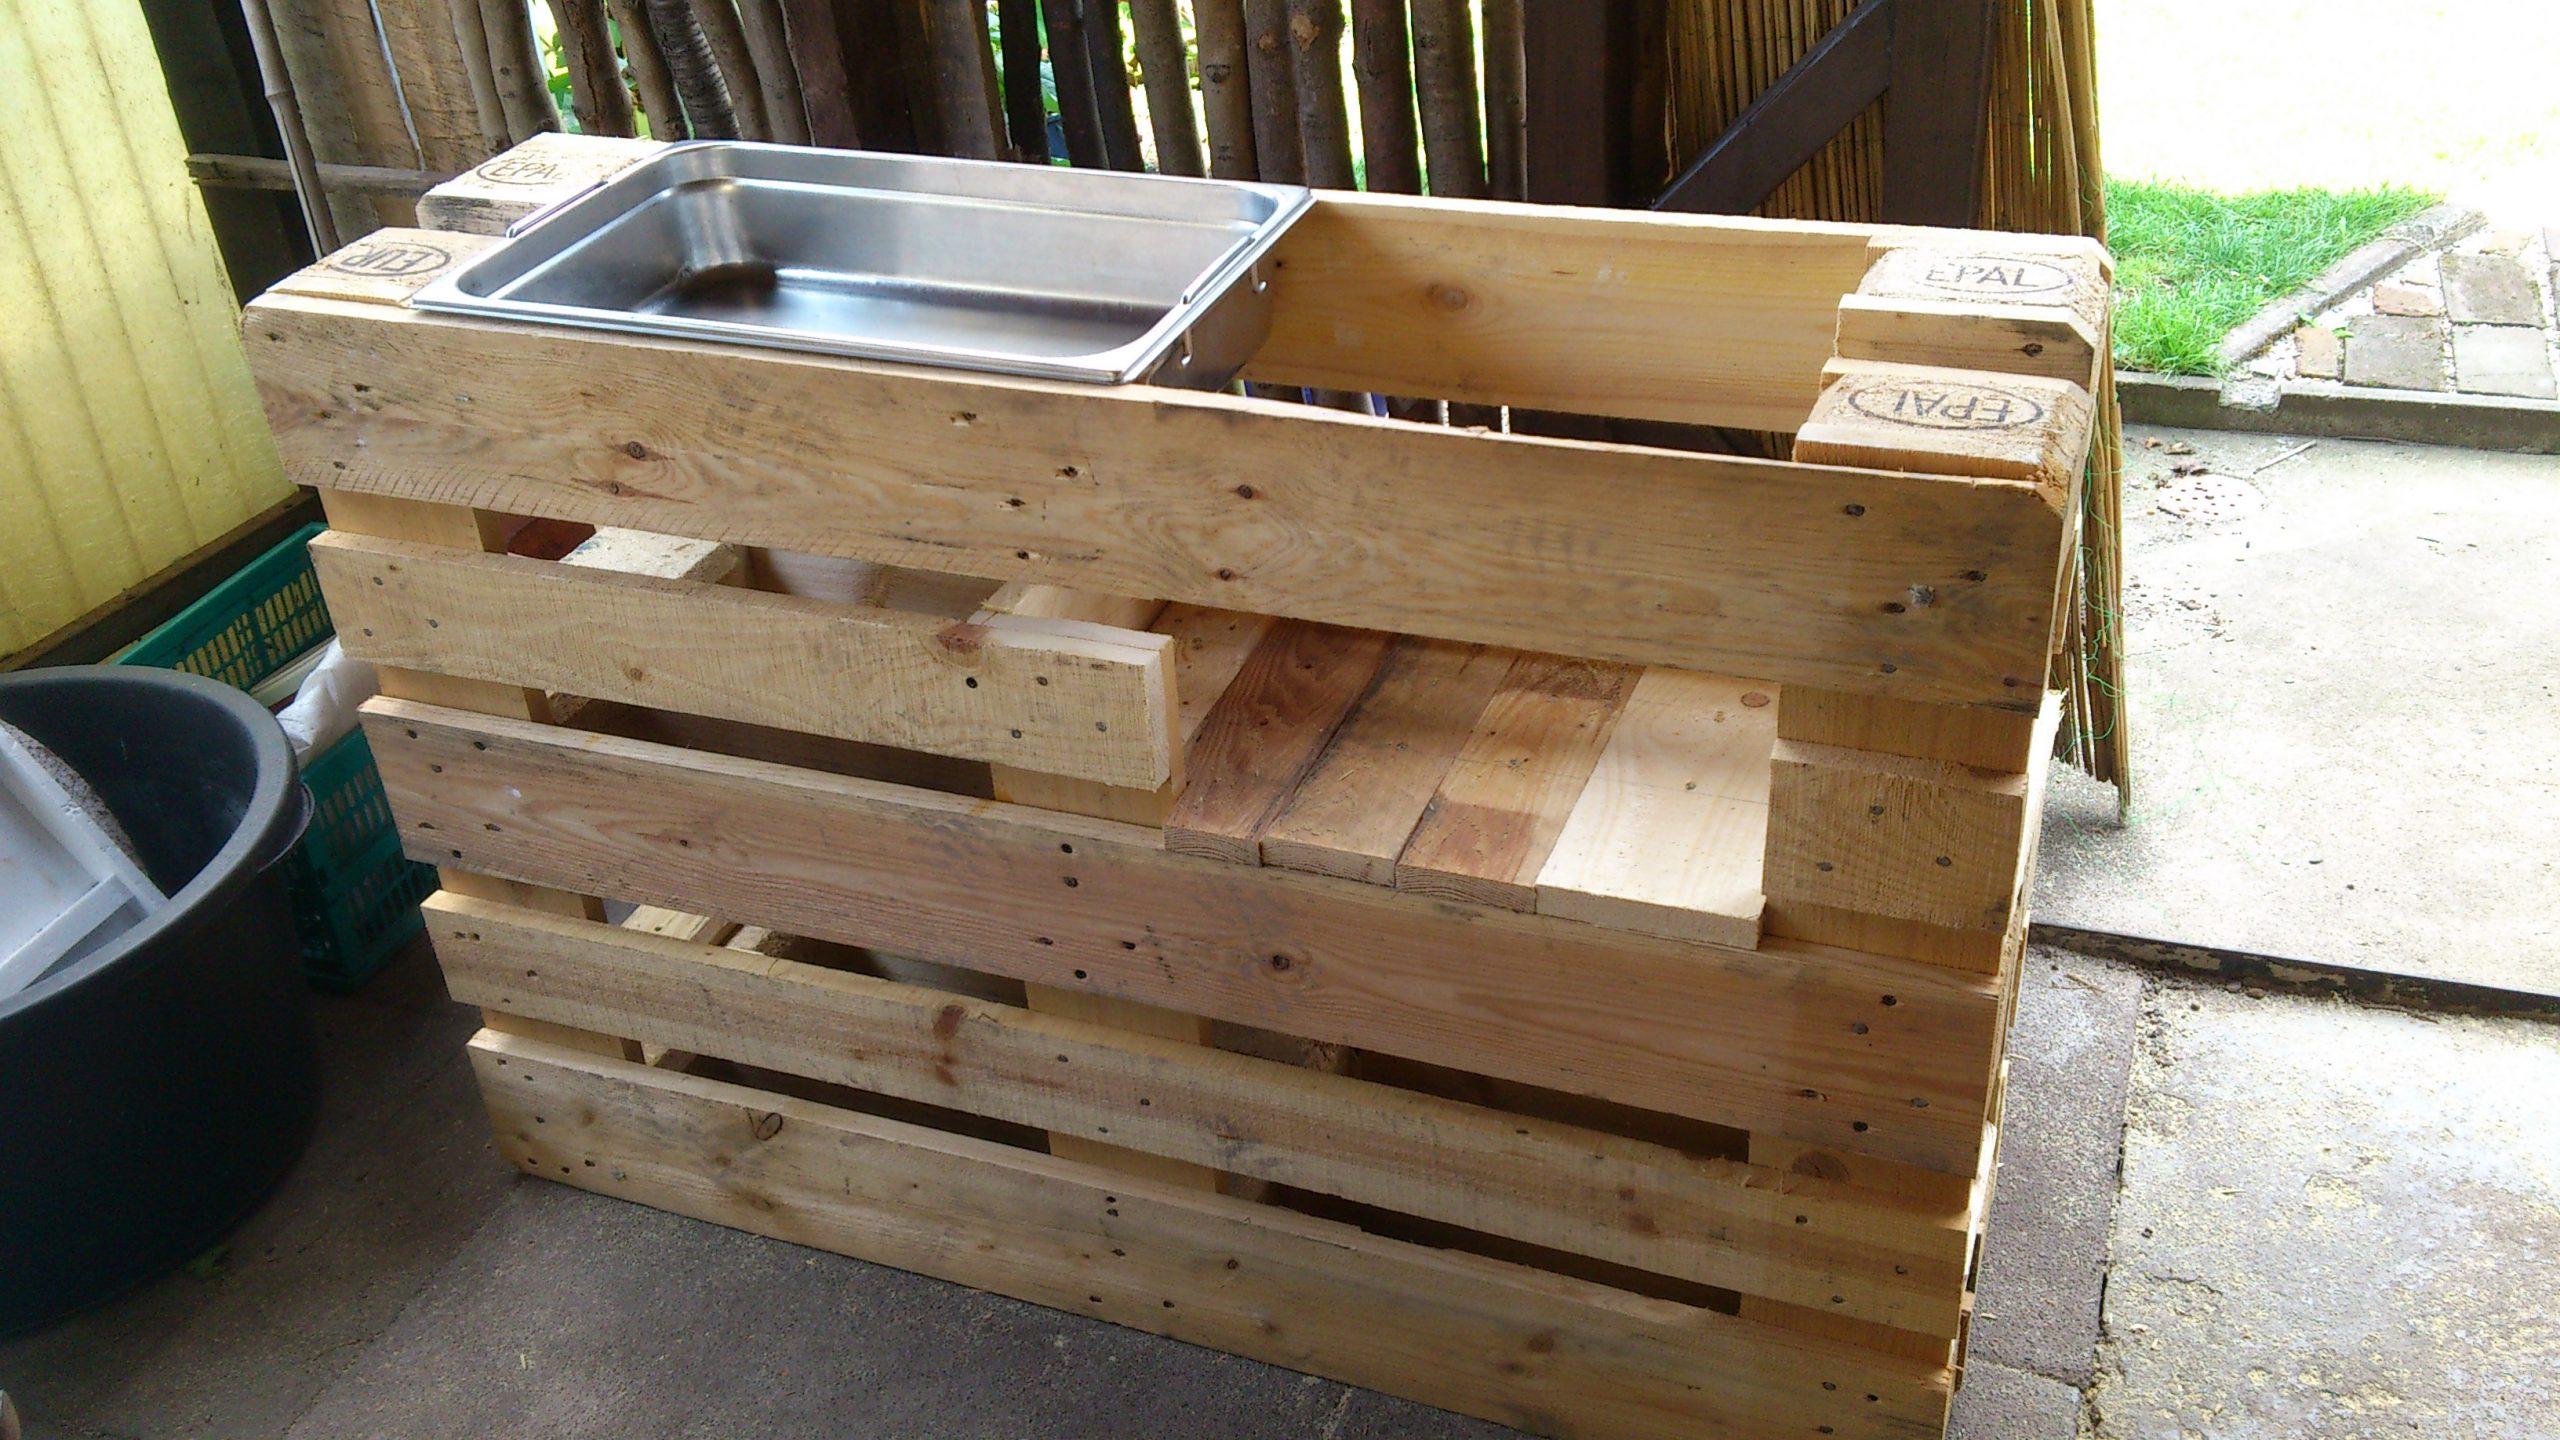 Full Size of Outdoor Theke Garten Selber Bauen Küche U Form Mit Thekentisch Apothekerschrank Kaufen Edelstahl Wohnzimmer Outdoor Theke